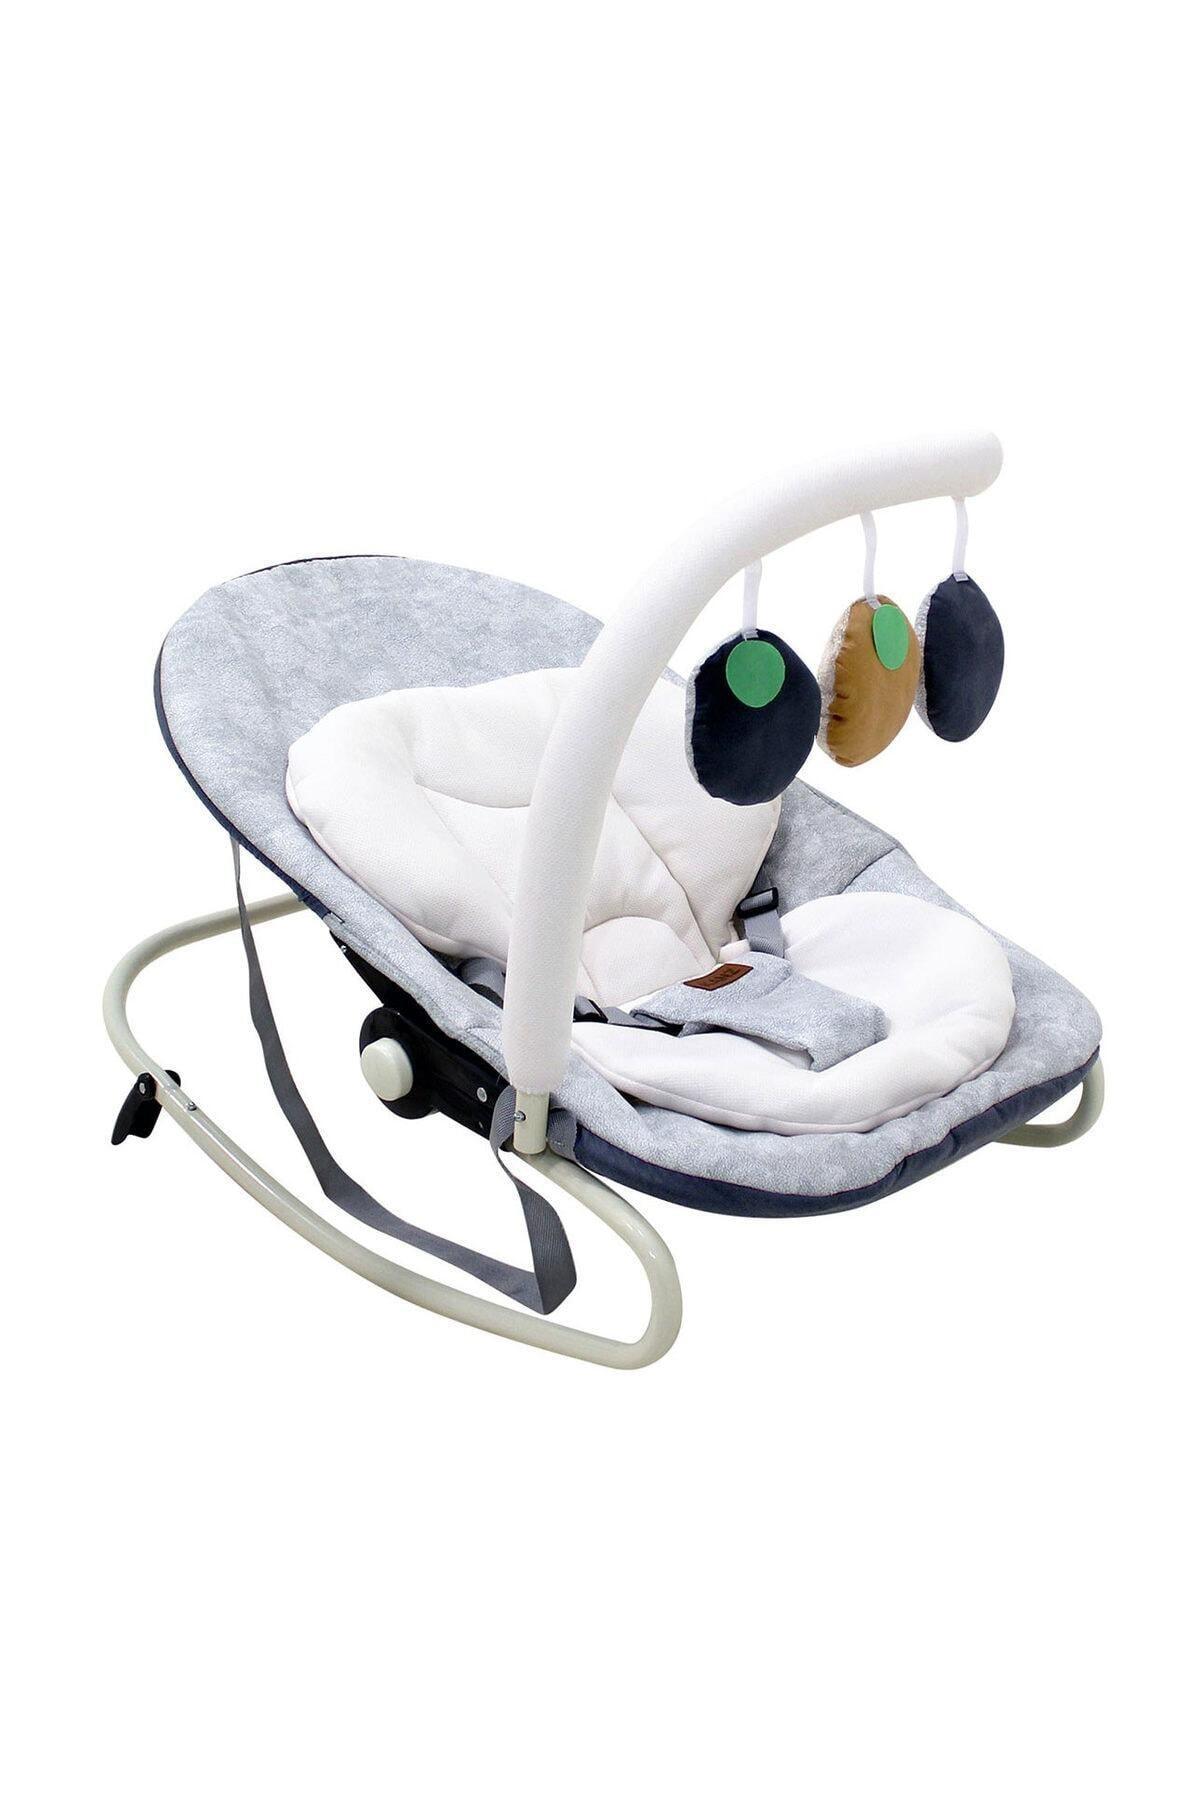 Детское кресло-качели для новорожденных из нейлоновой ткани